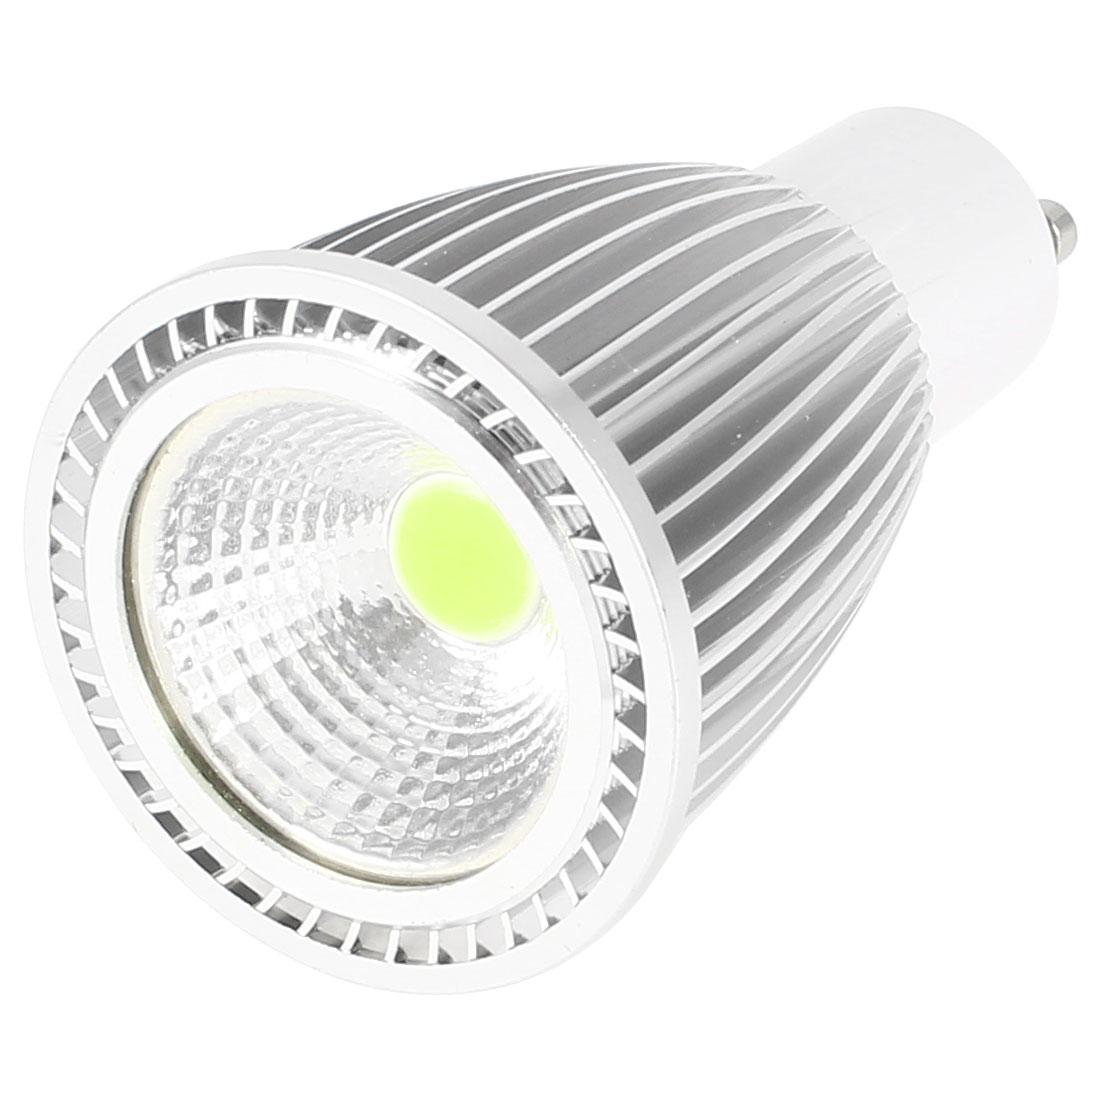 AC 85-265V GU10 Socket 7W Power COB Warm White LED Light Ceiling Spotlight Lamp Bulb